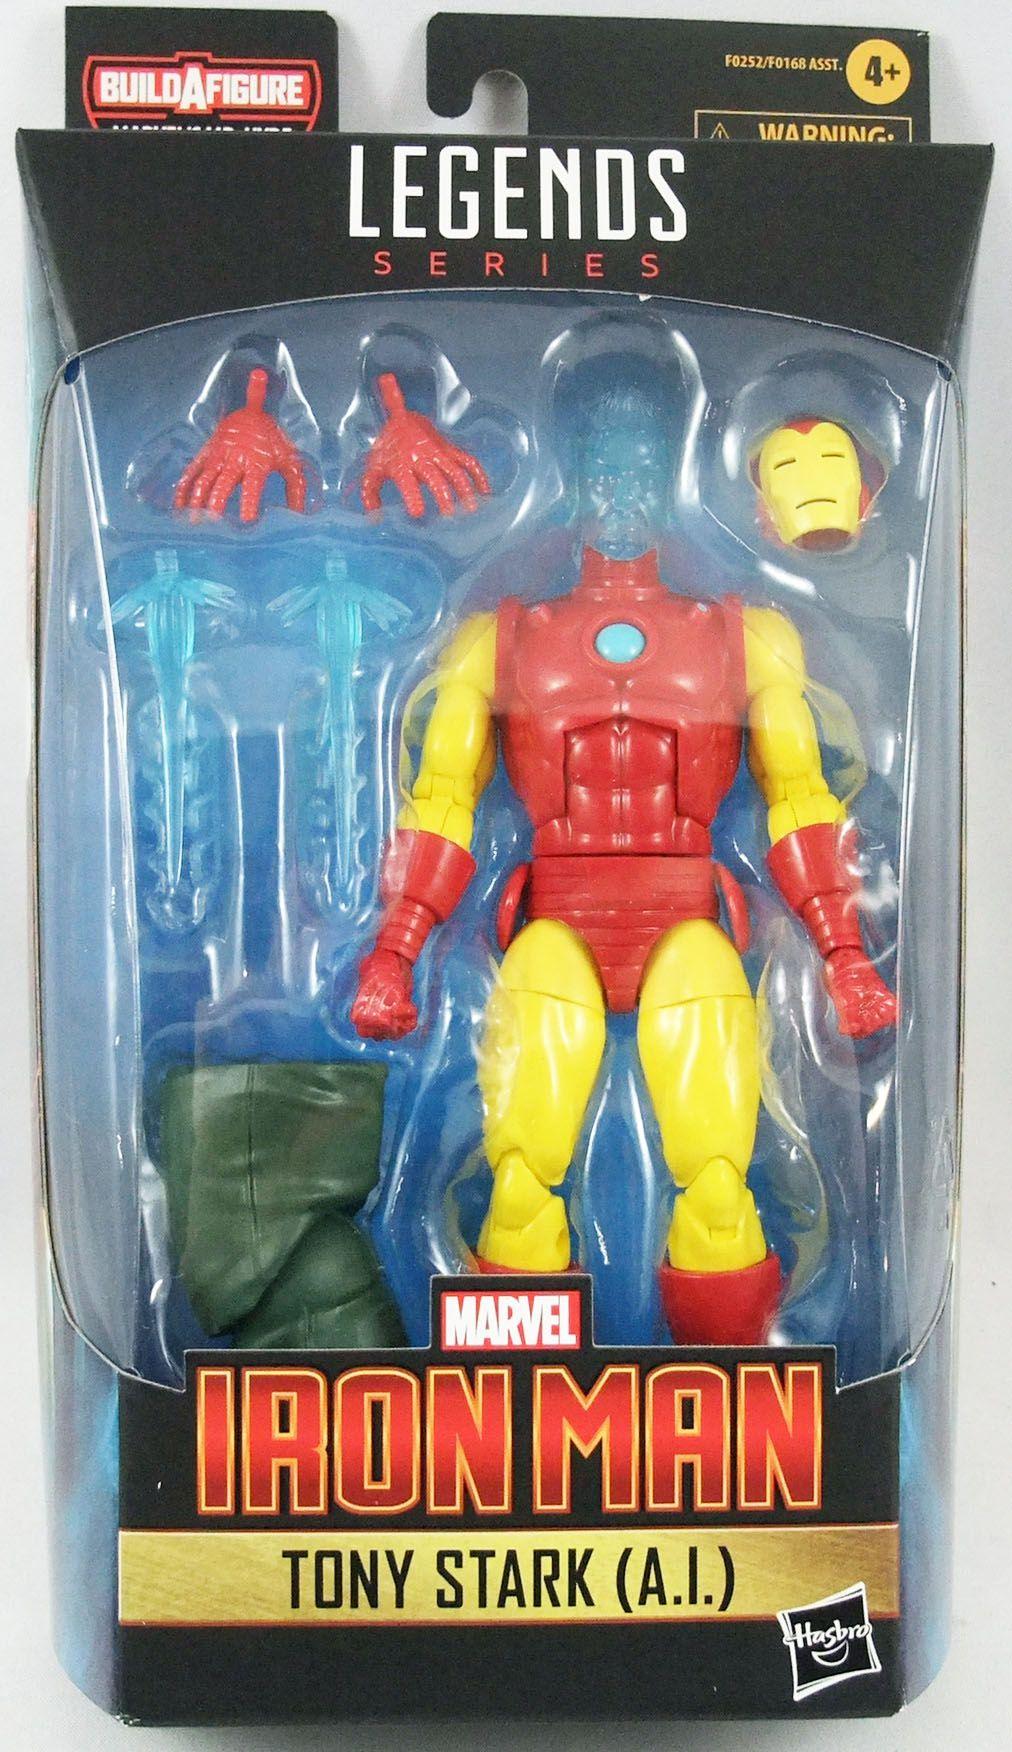 Marvel Legends - Iron Man Tony Stark (A.I.) - Serie Hasbro (Mr. Hyde)